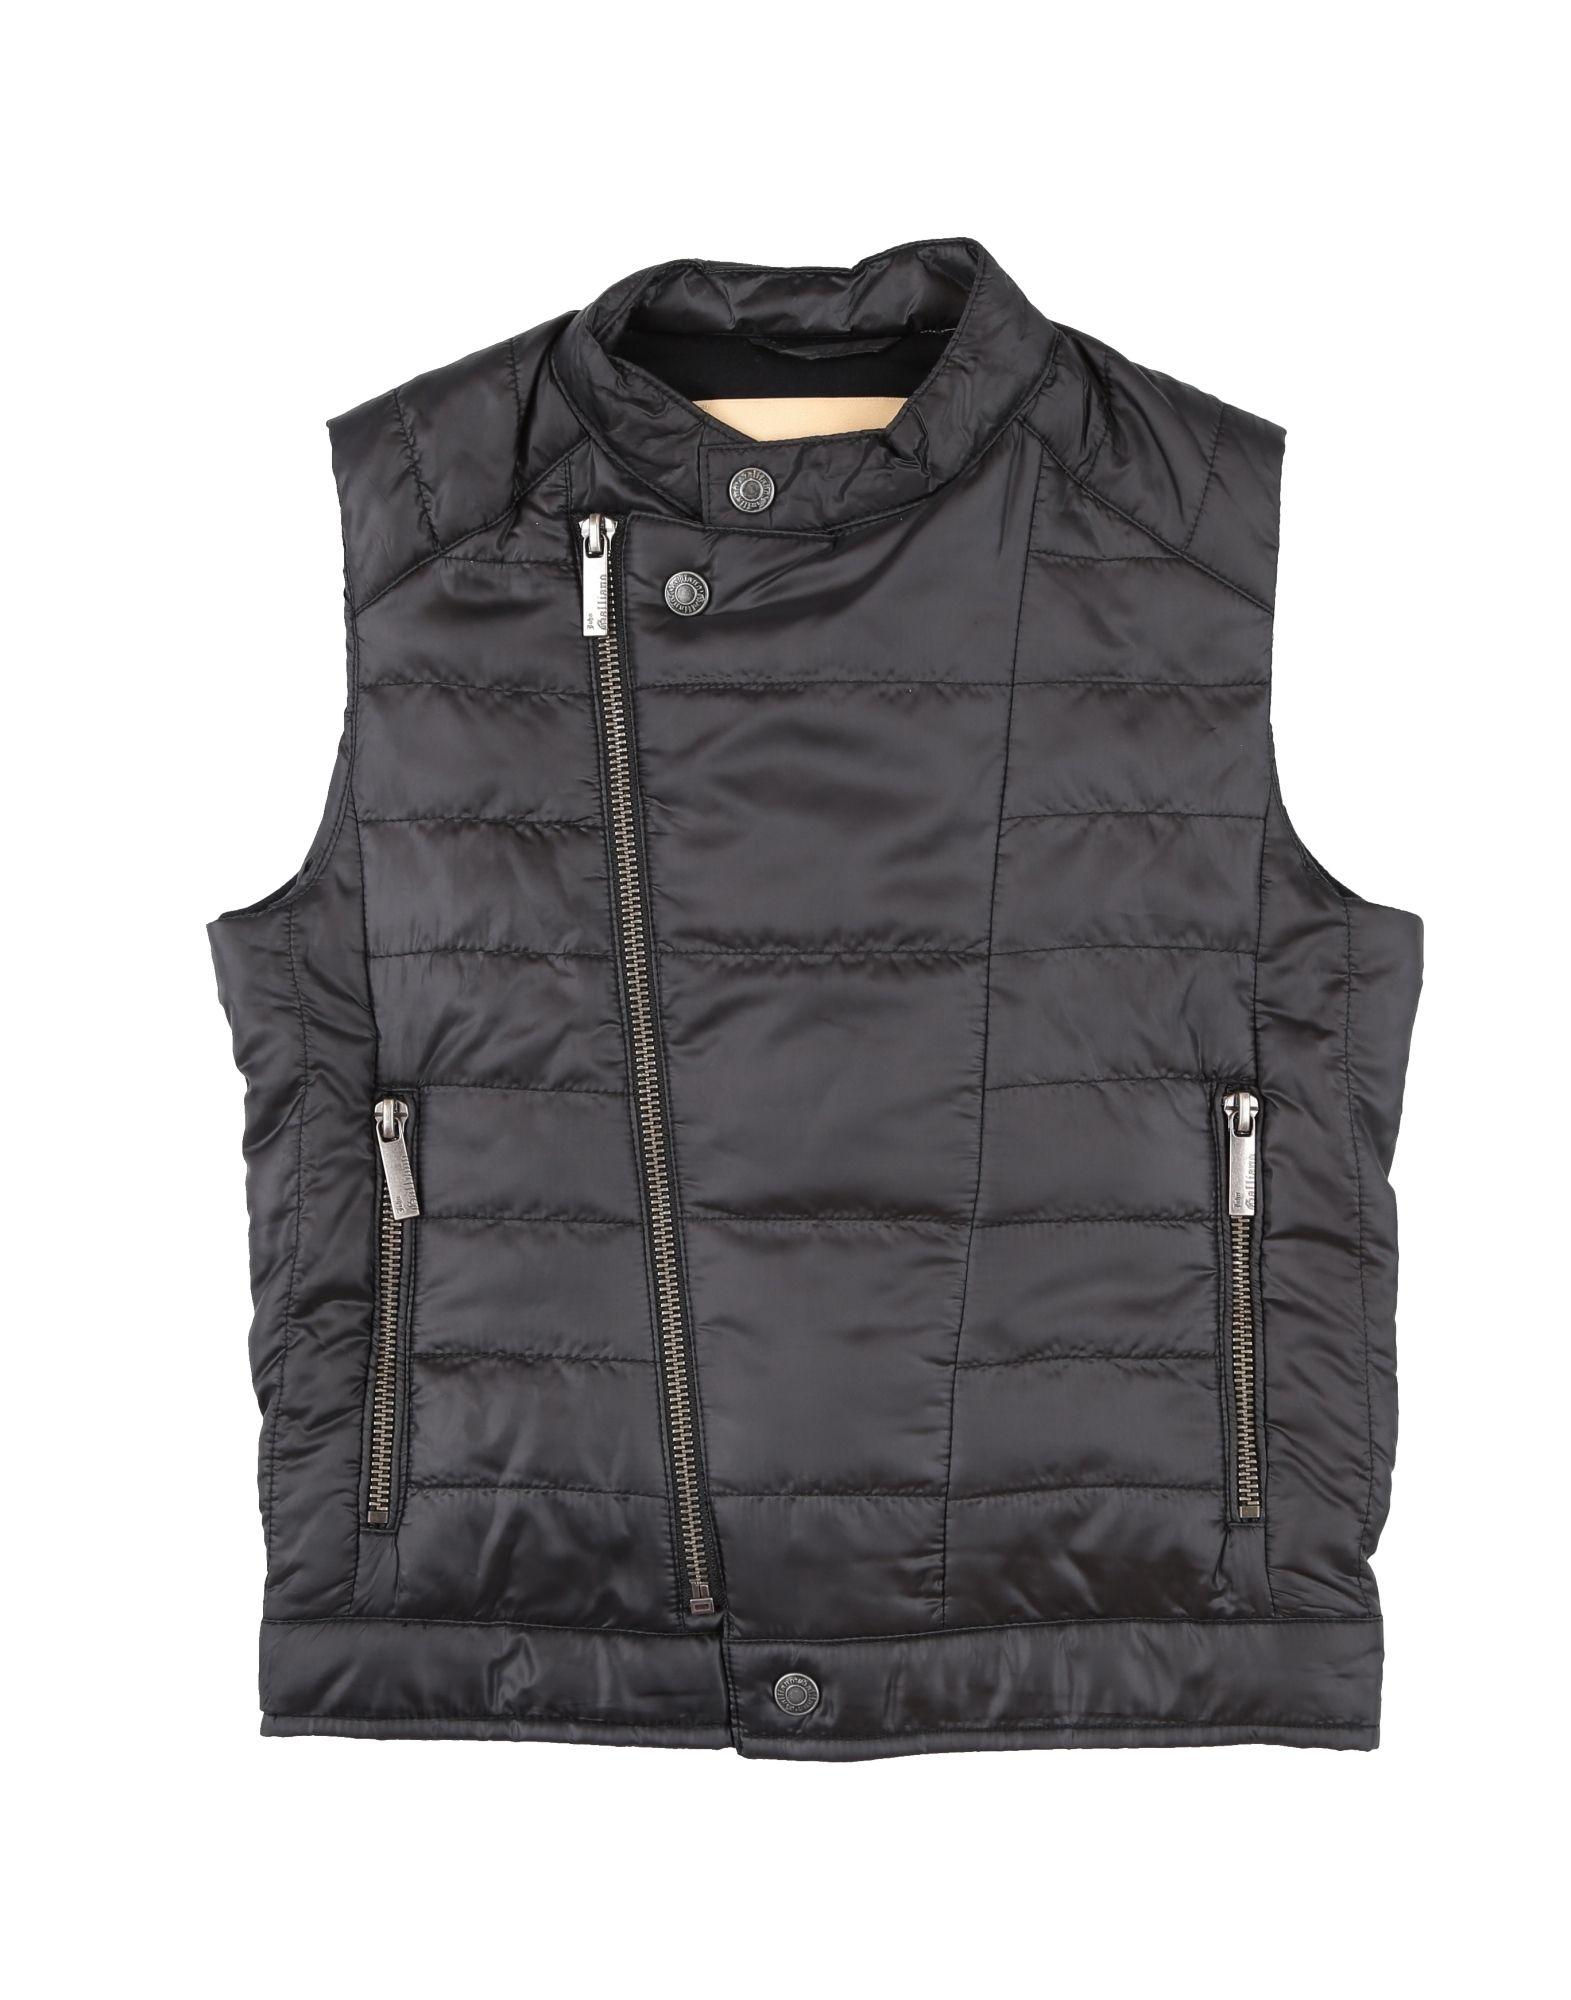 JOHN GALLIANO Synthetic Down Jackets - Item 41833887